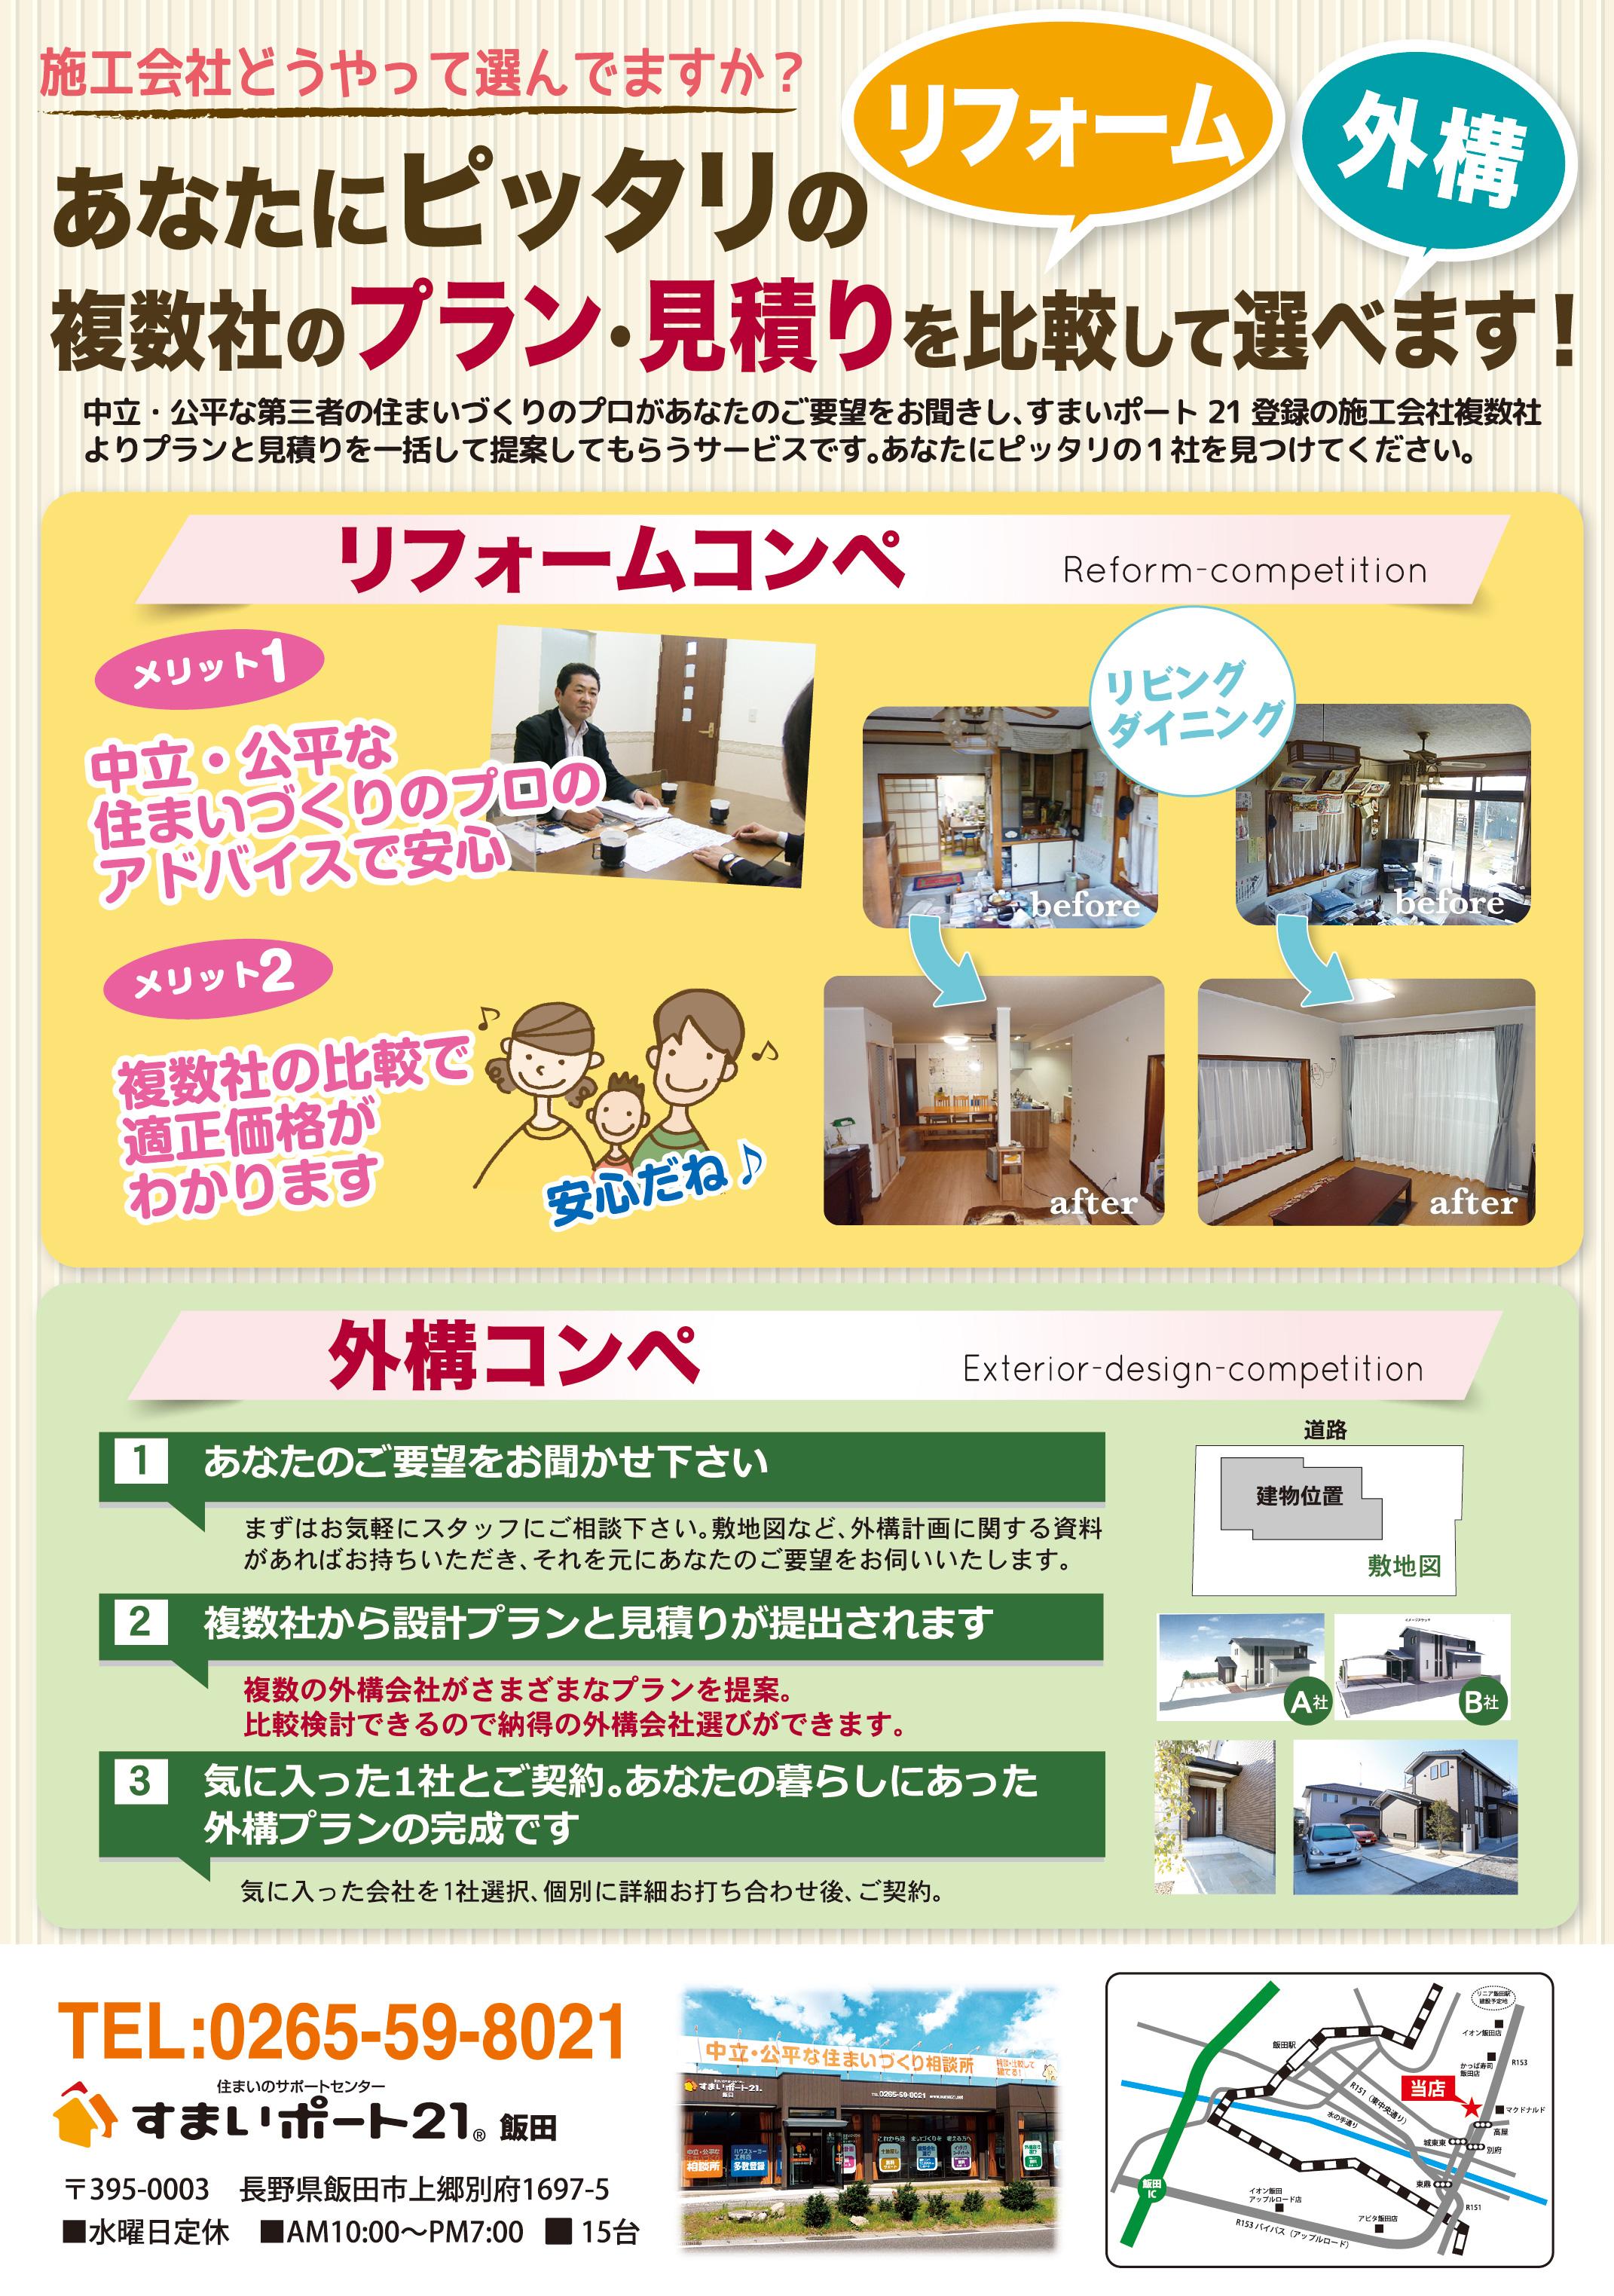 すまいポート21飯田店様の「リフォームコンペ」ポスティング用ちらし完成!